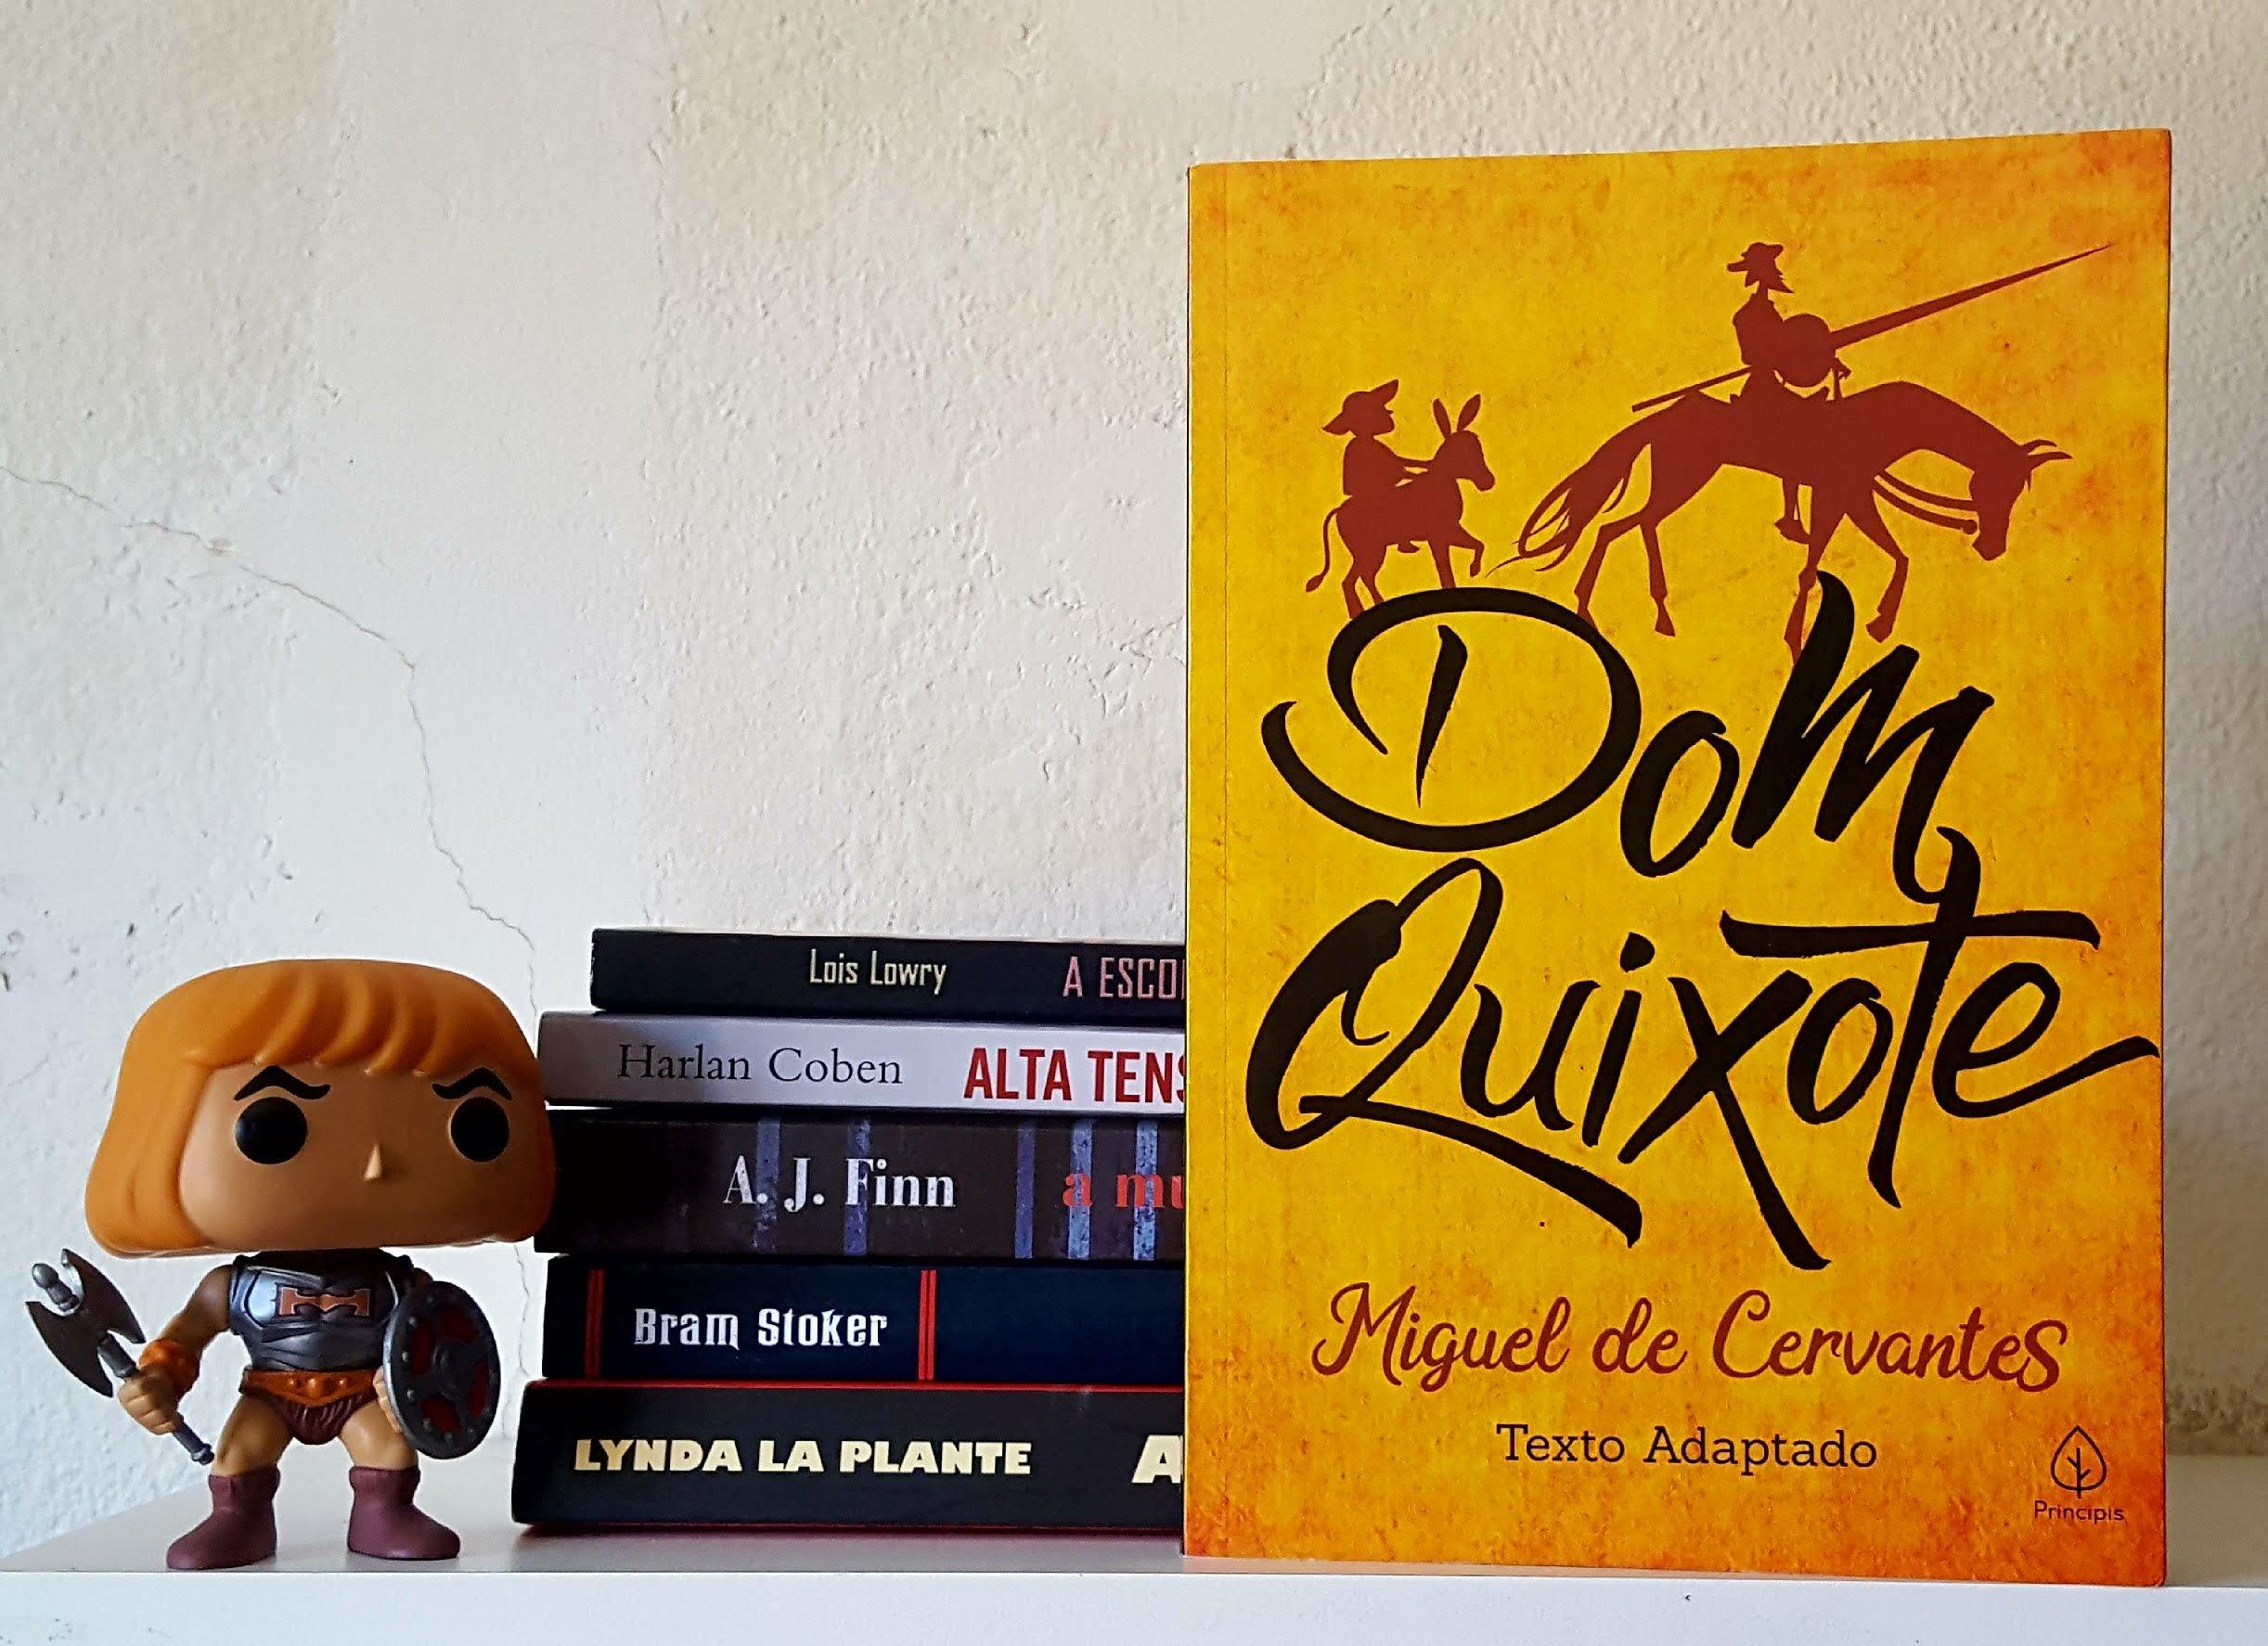 Dom Quixote | Miguel de Cervantes